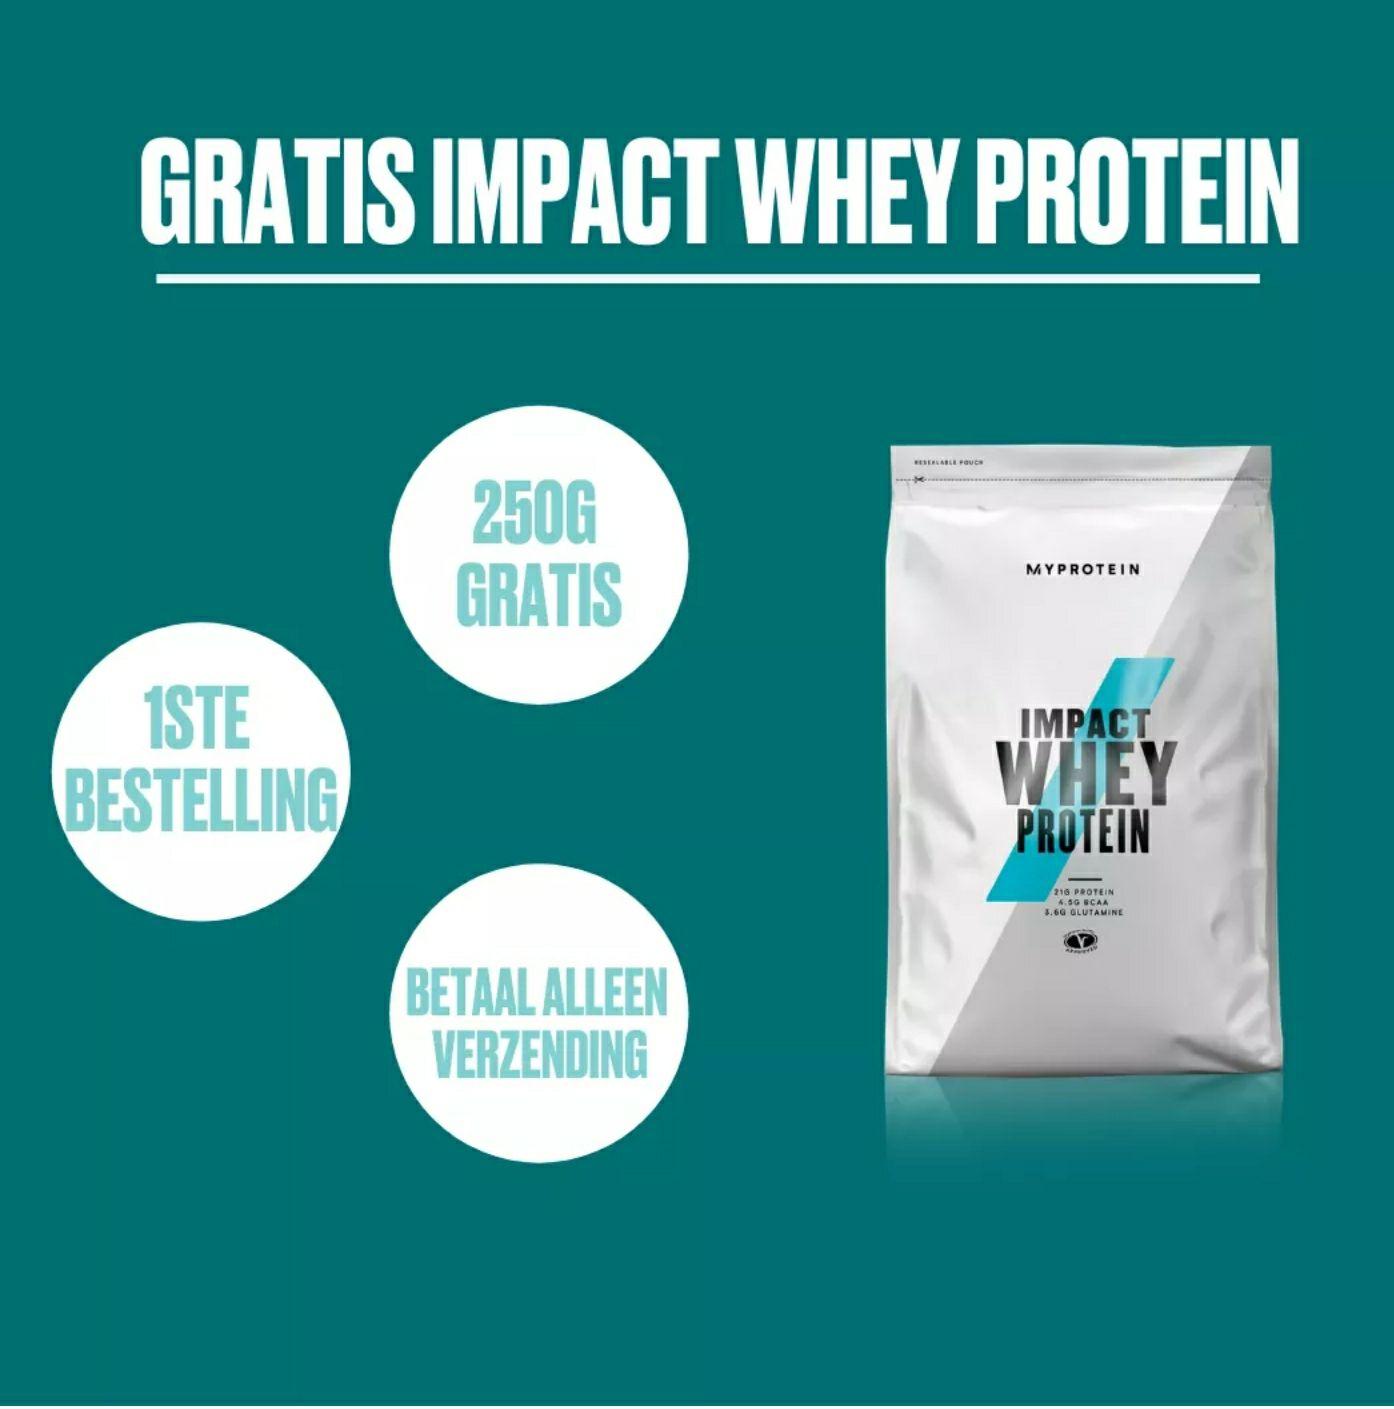 [ MYPROTEIN] GRATIS Impact Whey Protein t.w.v €8.95 (alleen verzendkosten)